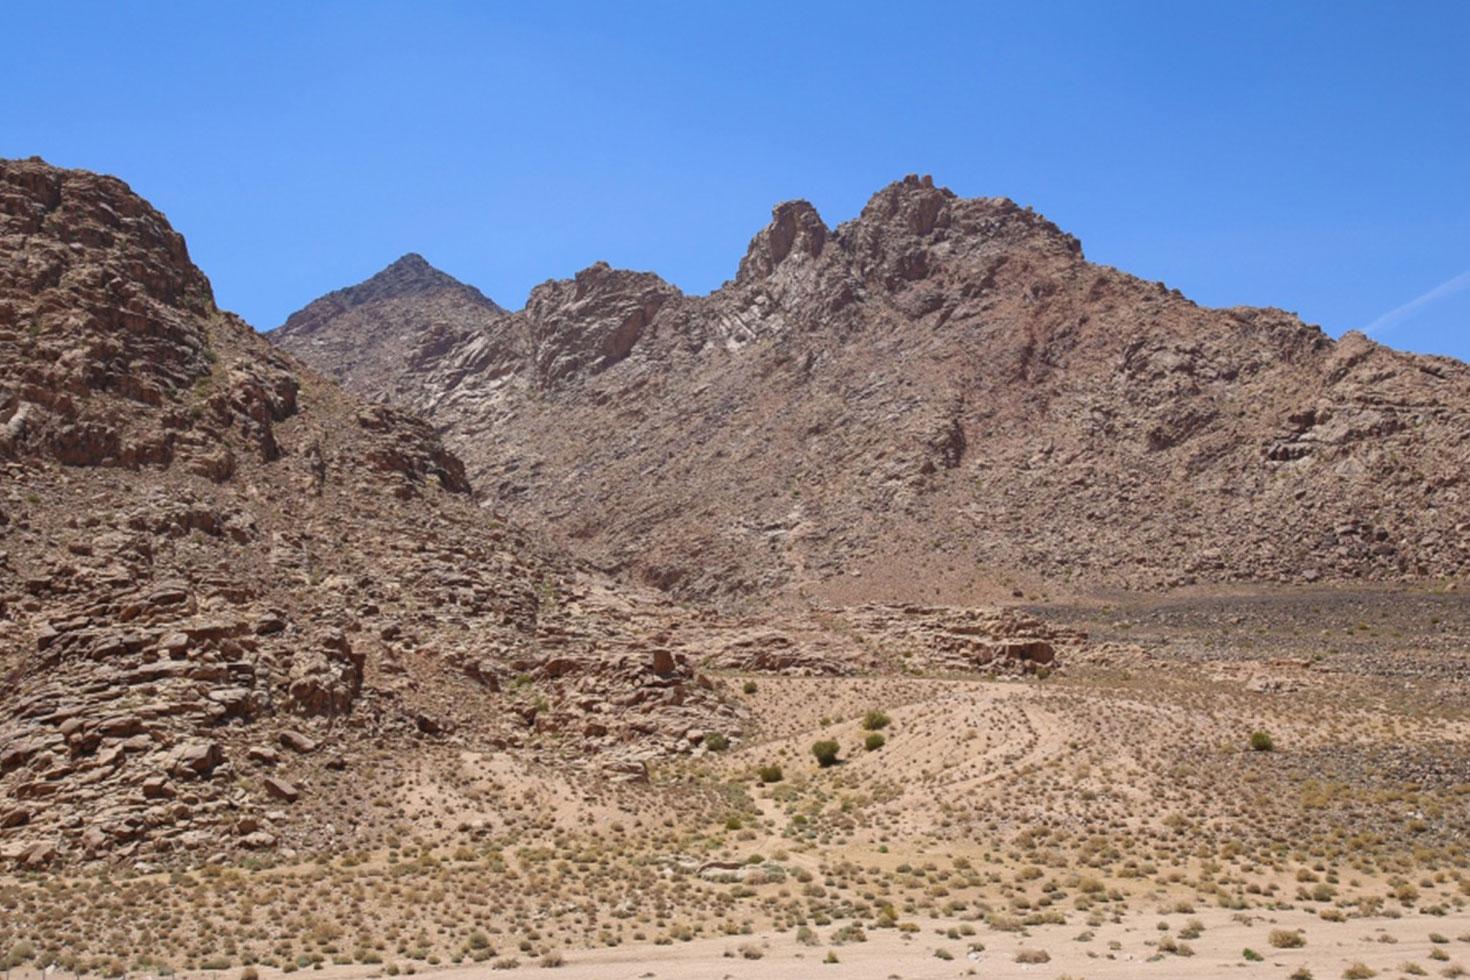 সিনাই পর্বত সৌদি আরবে, দাবি গবেষকদের